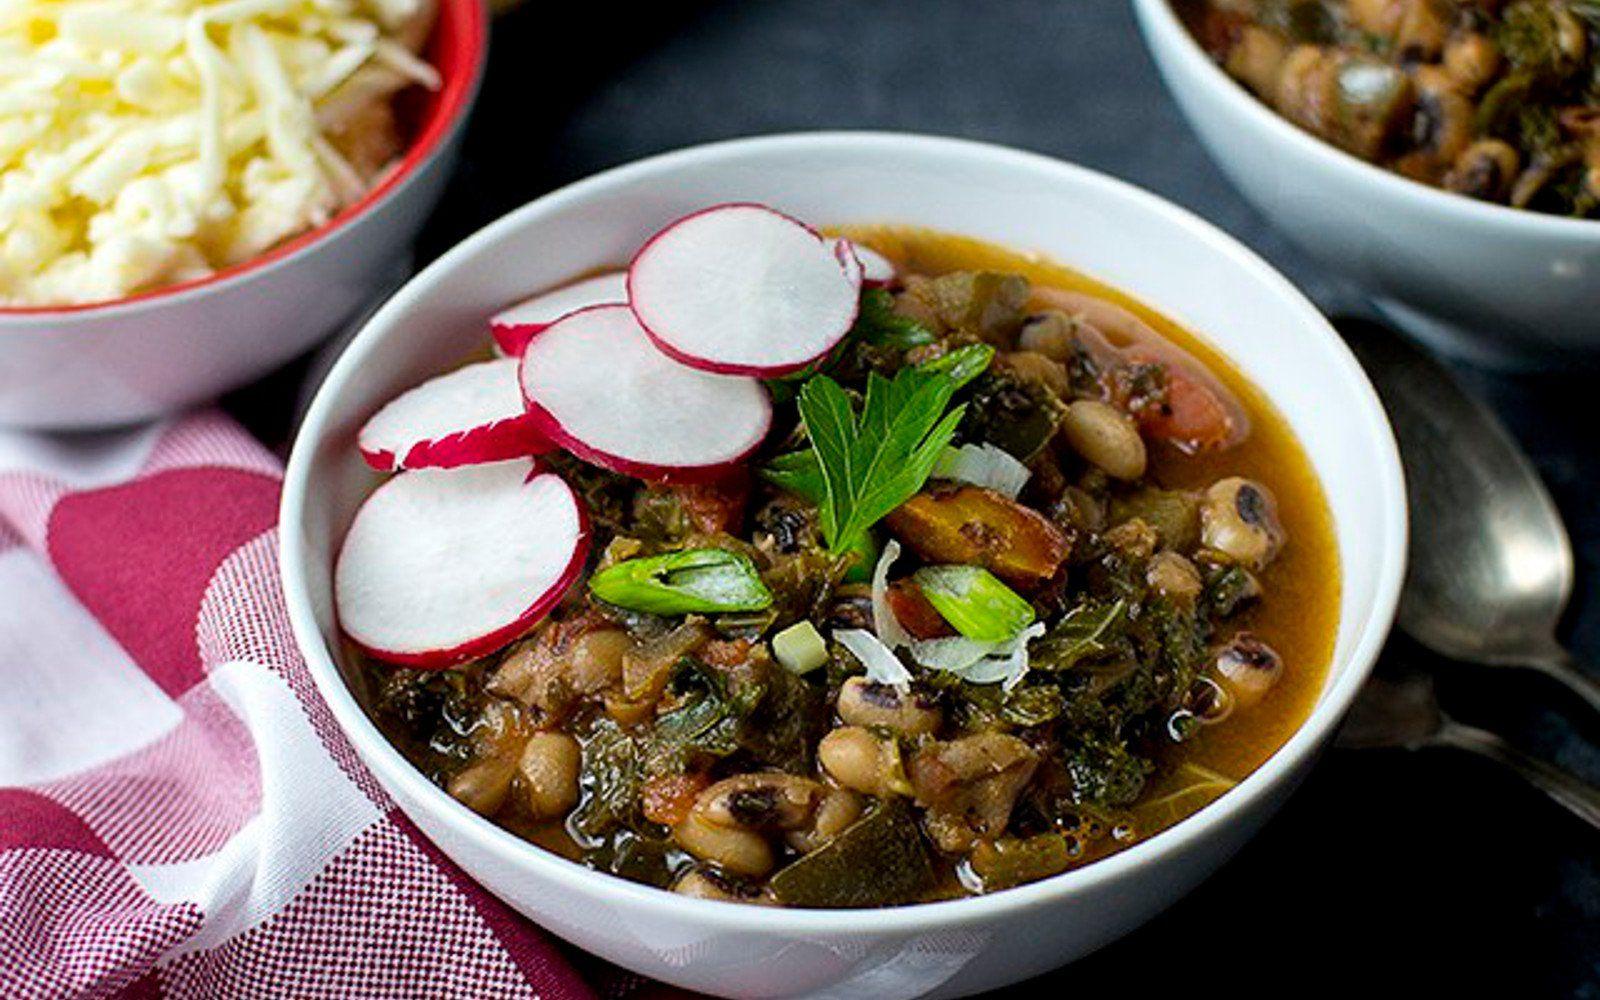 american food recipes vegetarian